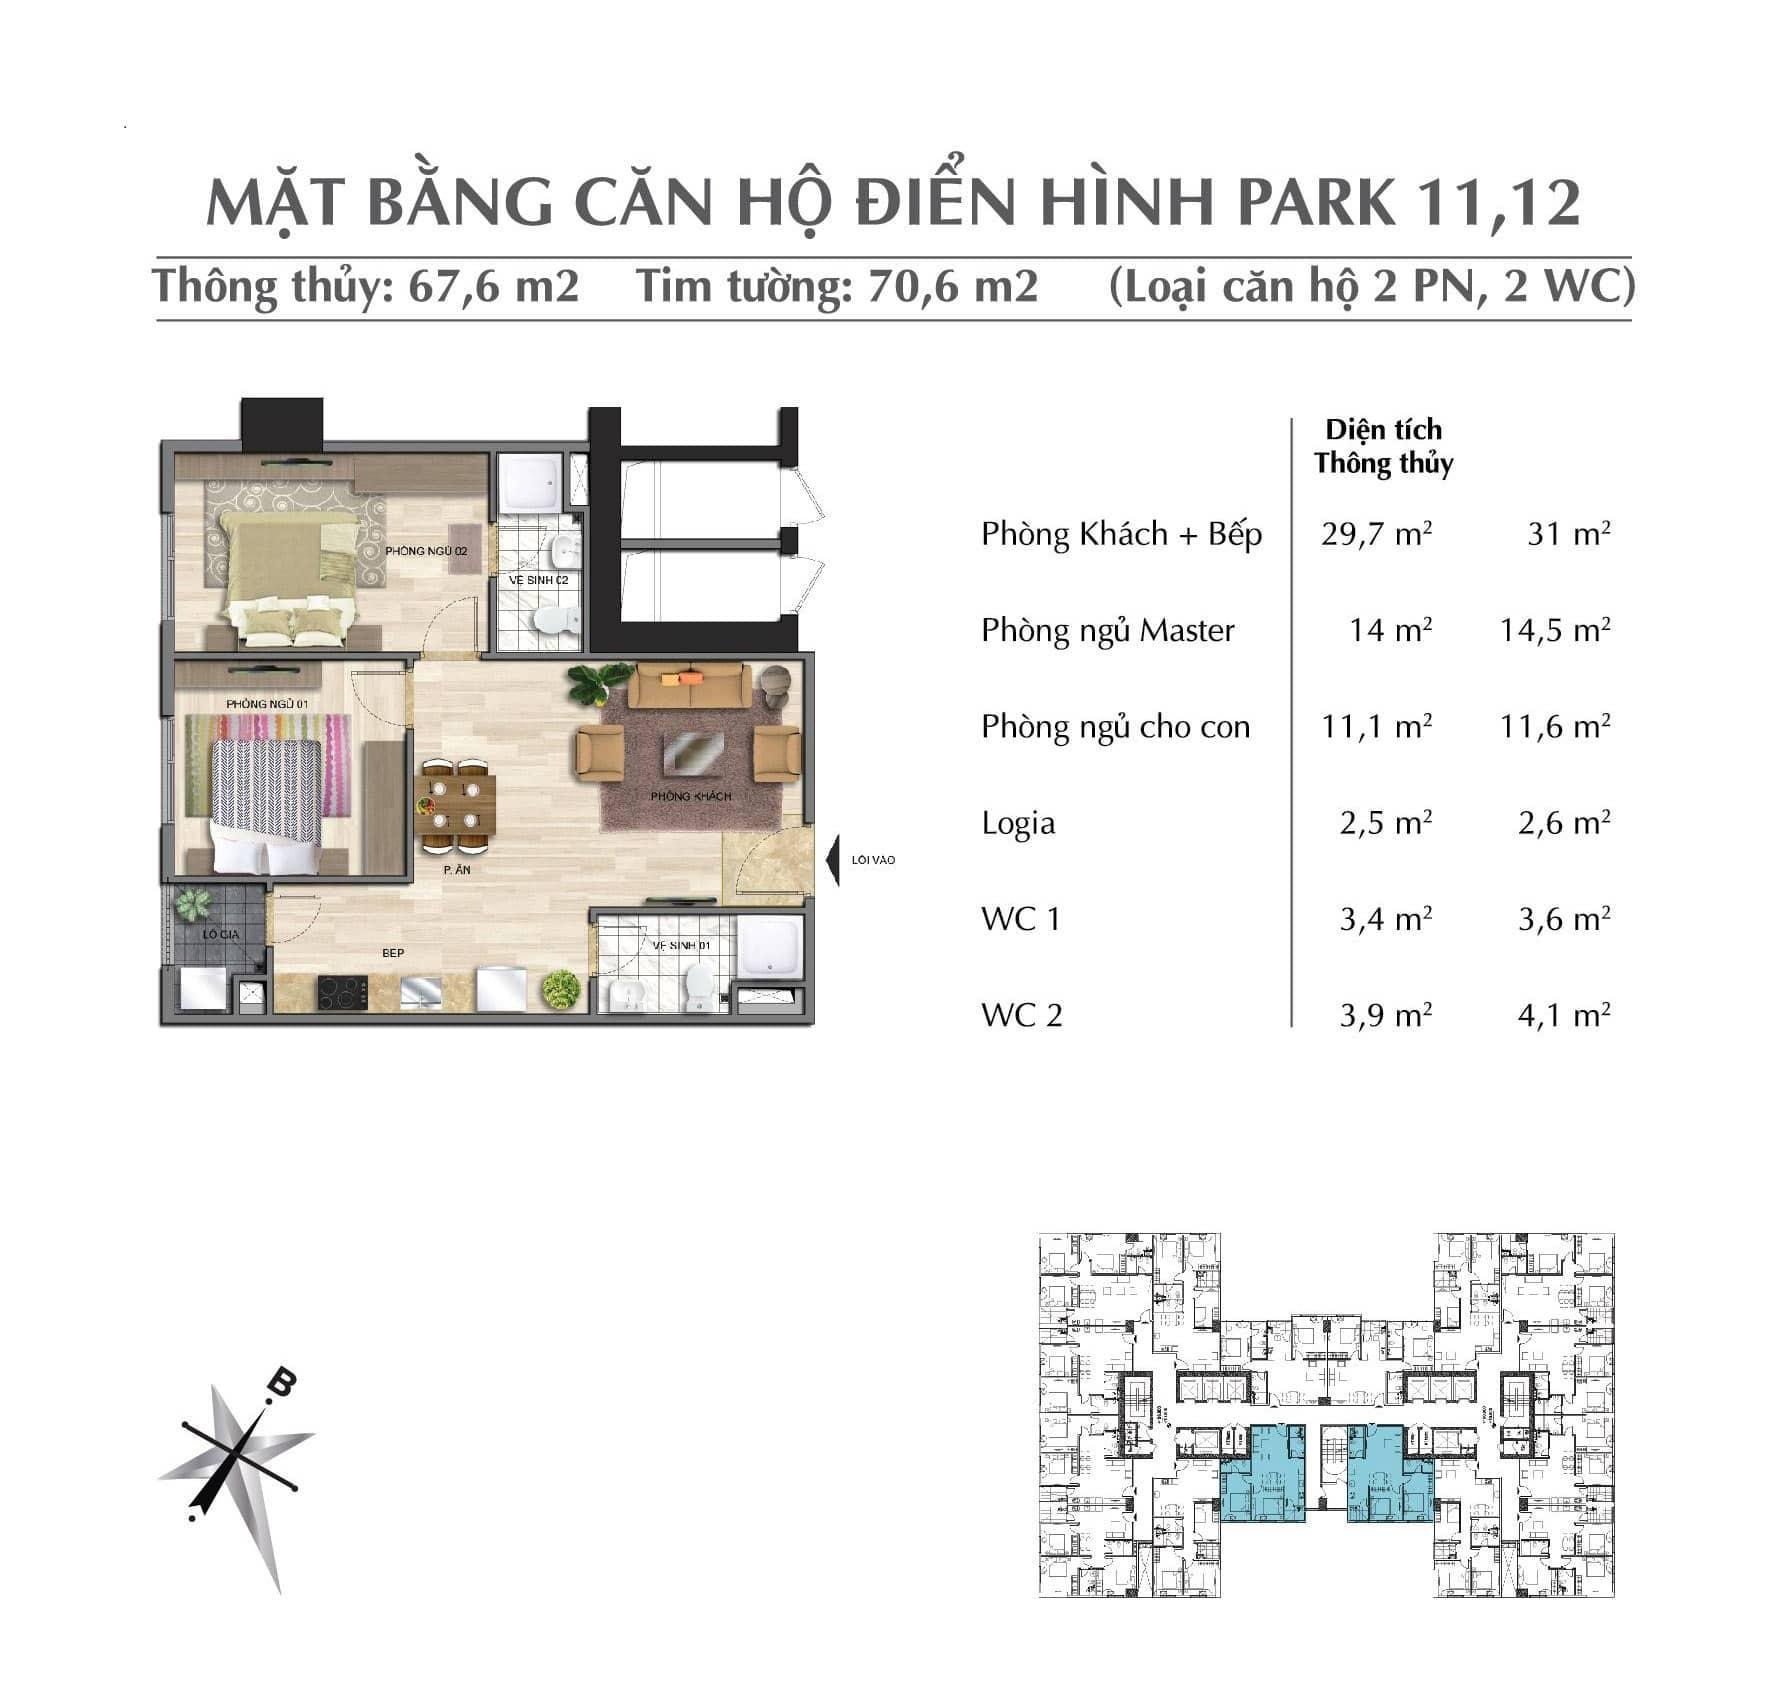 Thiết kế căn 67,6 m Park 1 + 2 + 3 chung cư Eurowindow River Park